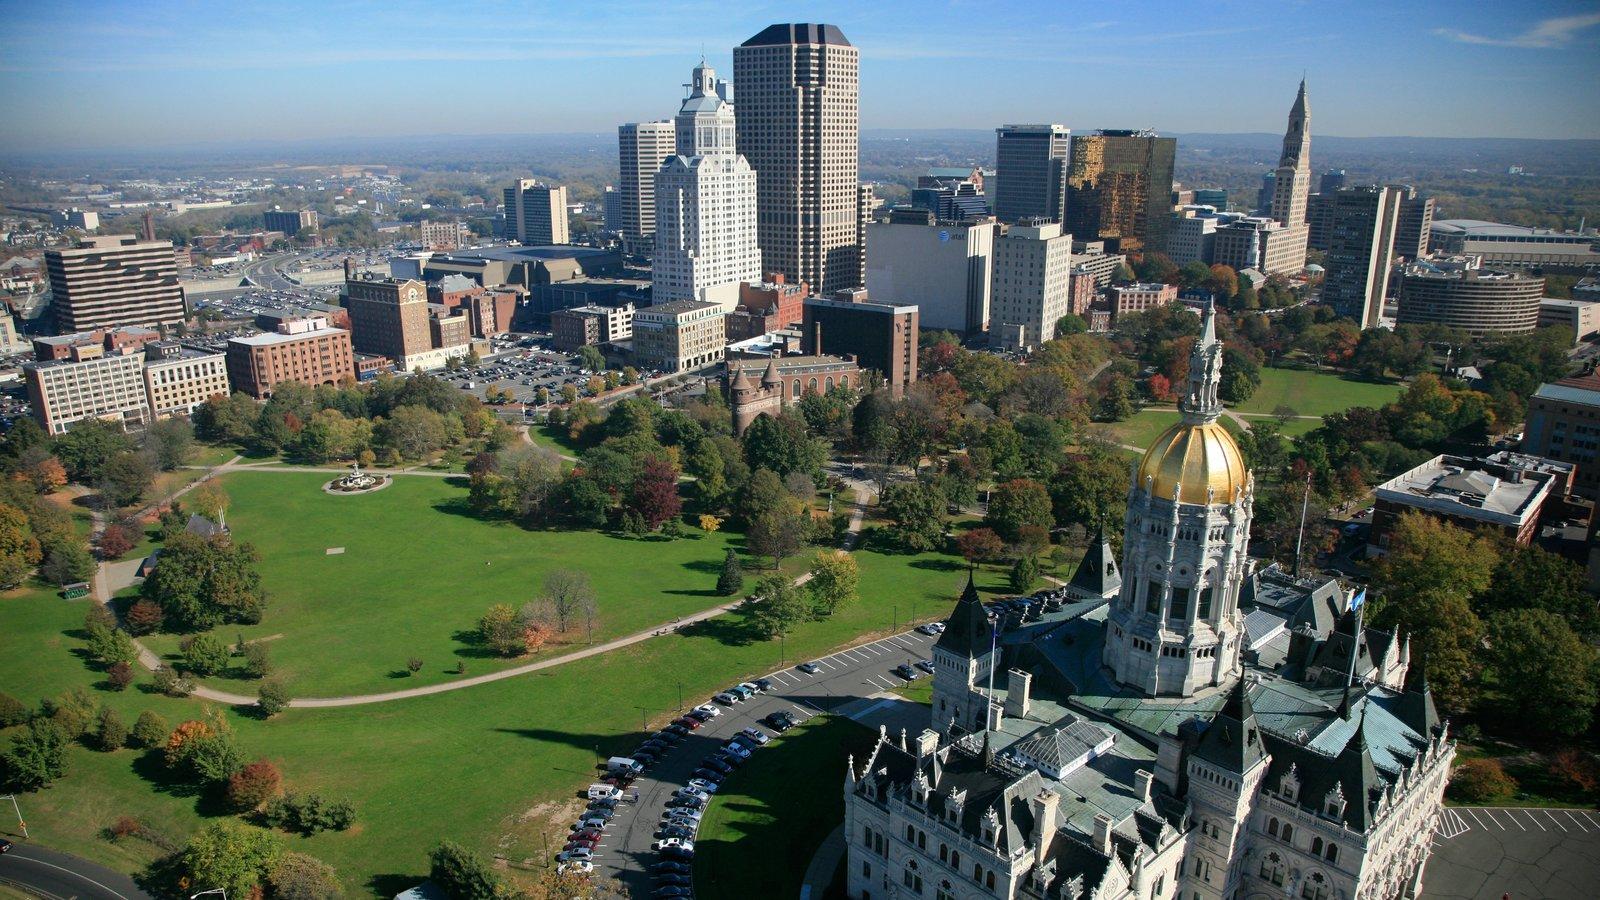 Hartford ofreciendo una iglesia o catedral, una ciudad y aspectos religiosos